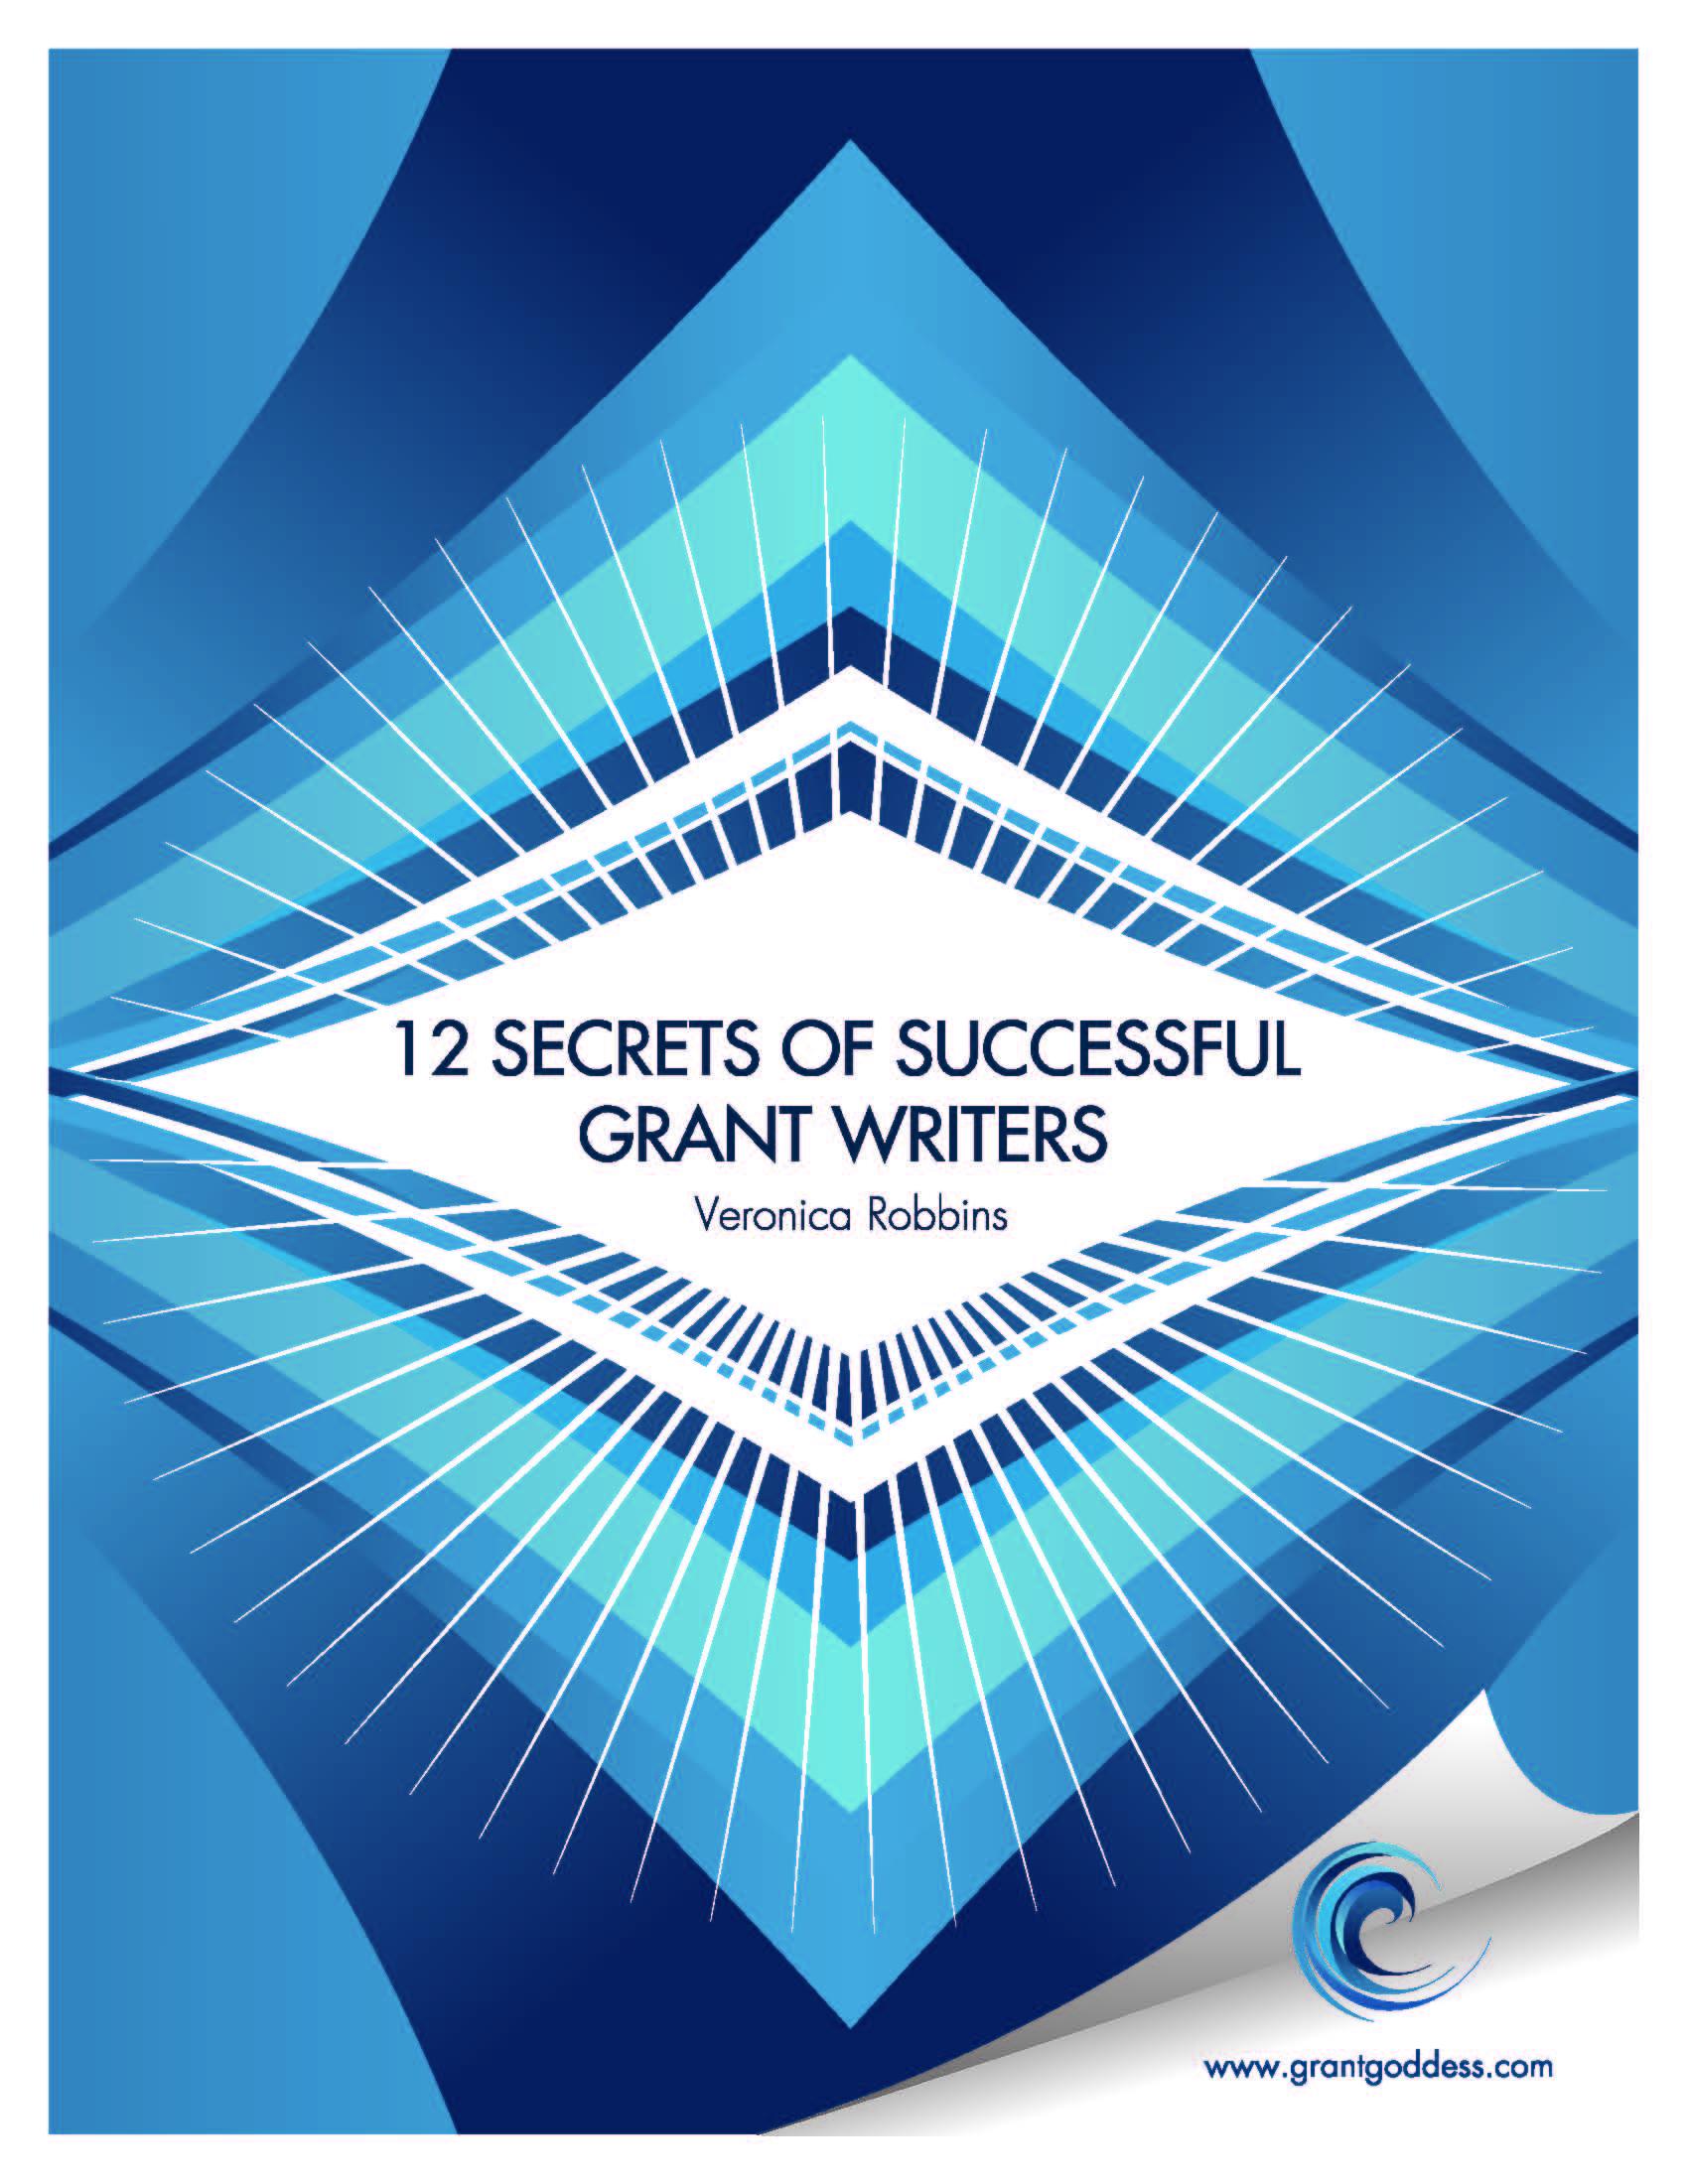 12 Secrets Cover - Proof02